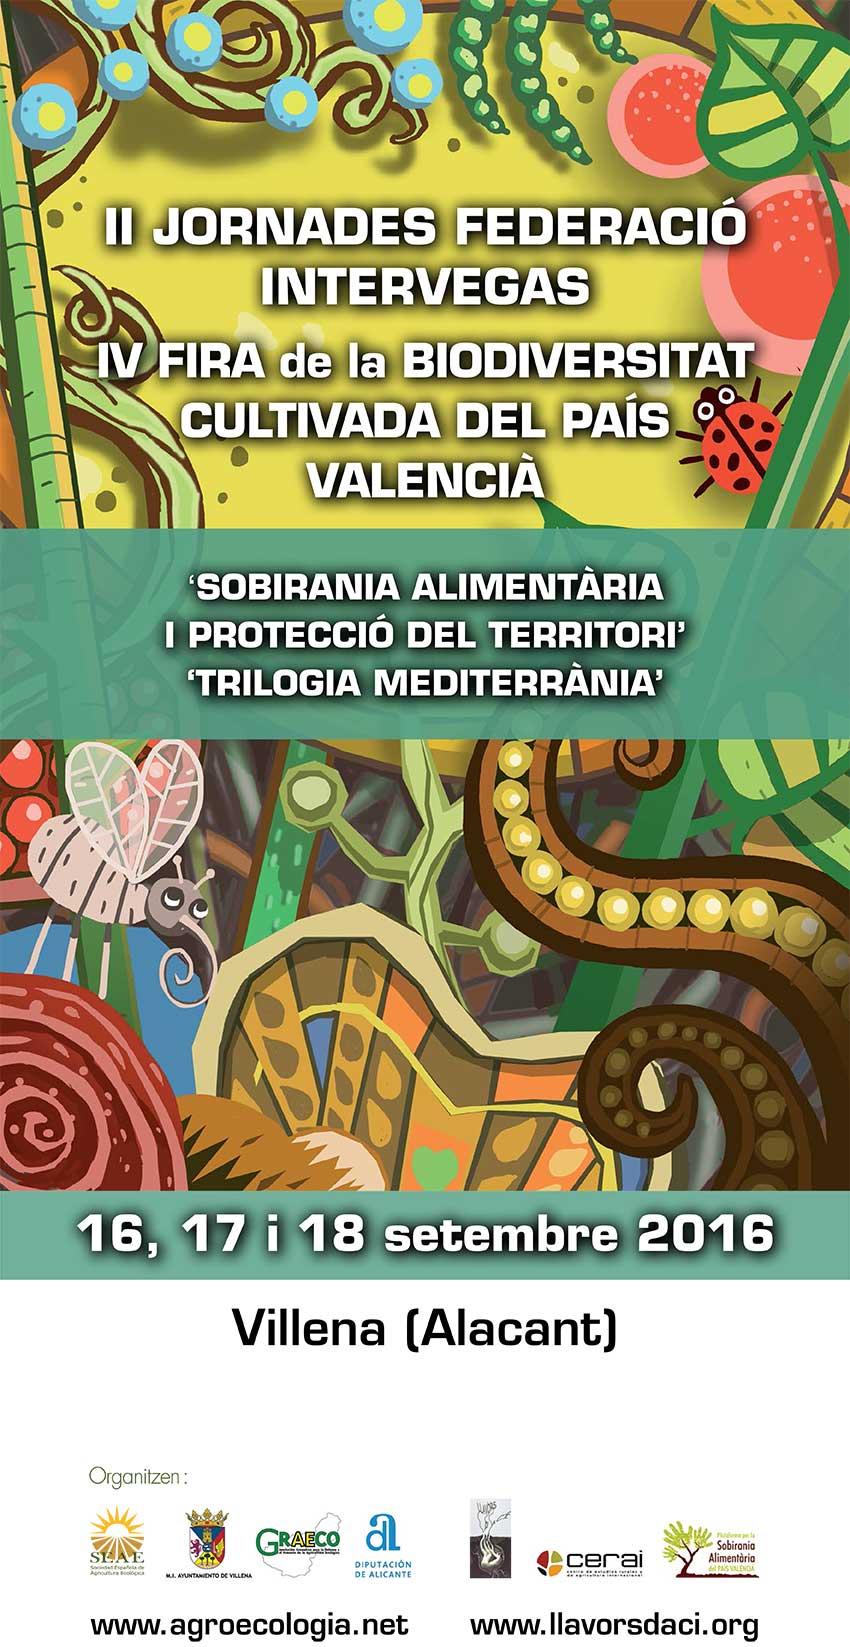 Cartel-IV-Feria-Biodiversitat-vb1